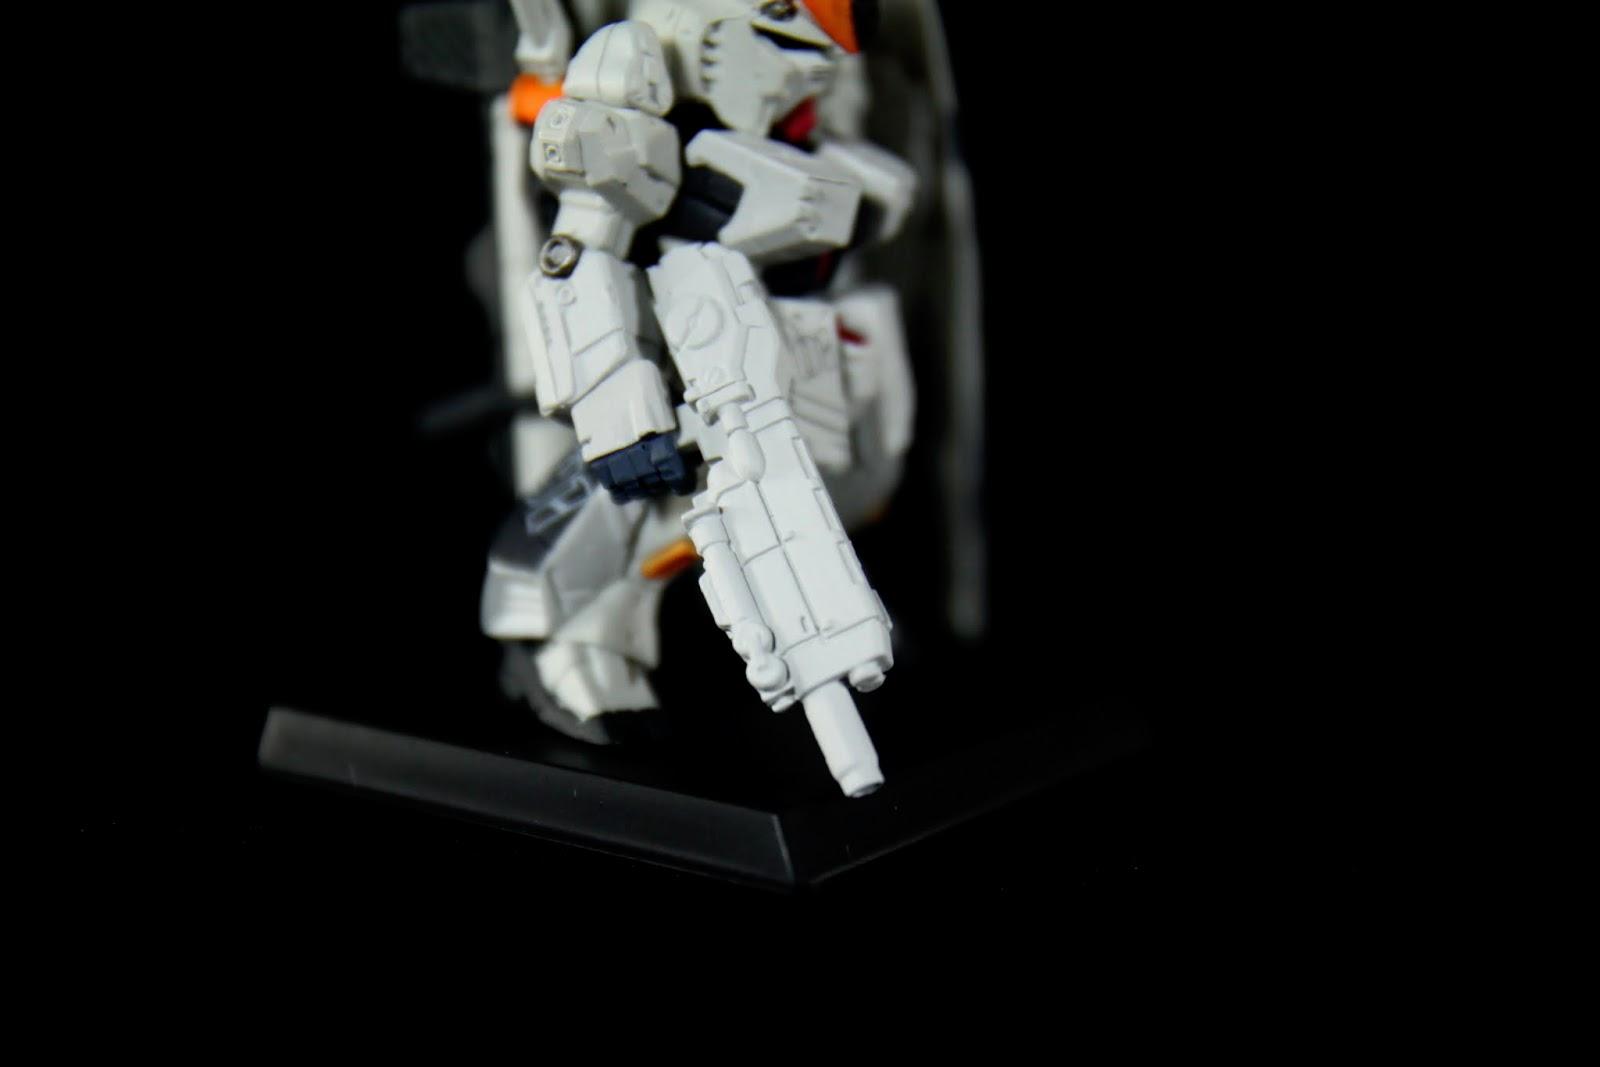 大出力的ハイパー・メガ・ライフル,具長程射擊功能,以設定來說根本妖怪